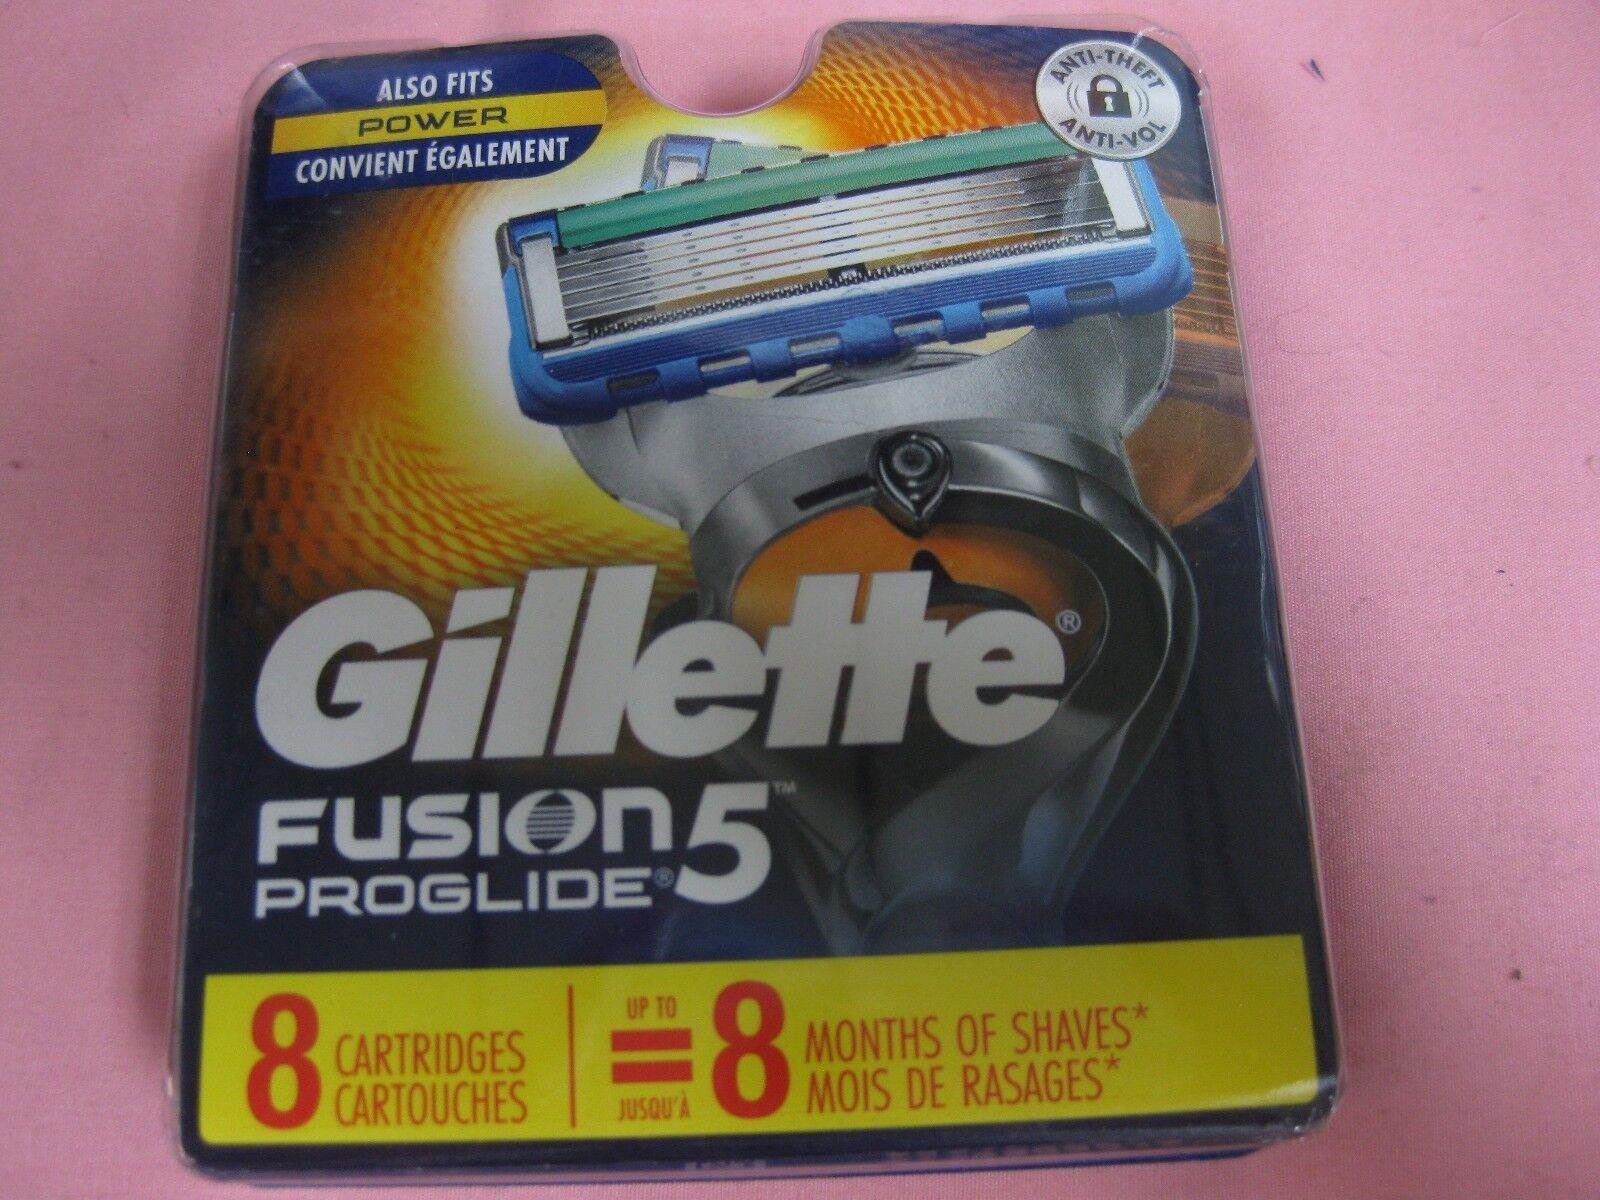 Gillette Fusion 5 Proglide Razor Refill Blades, 8 Cartridges